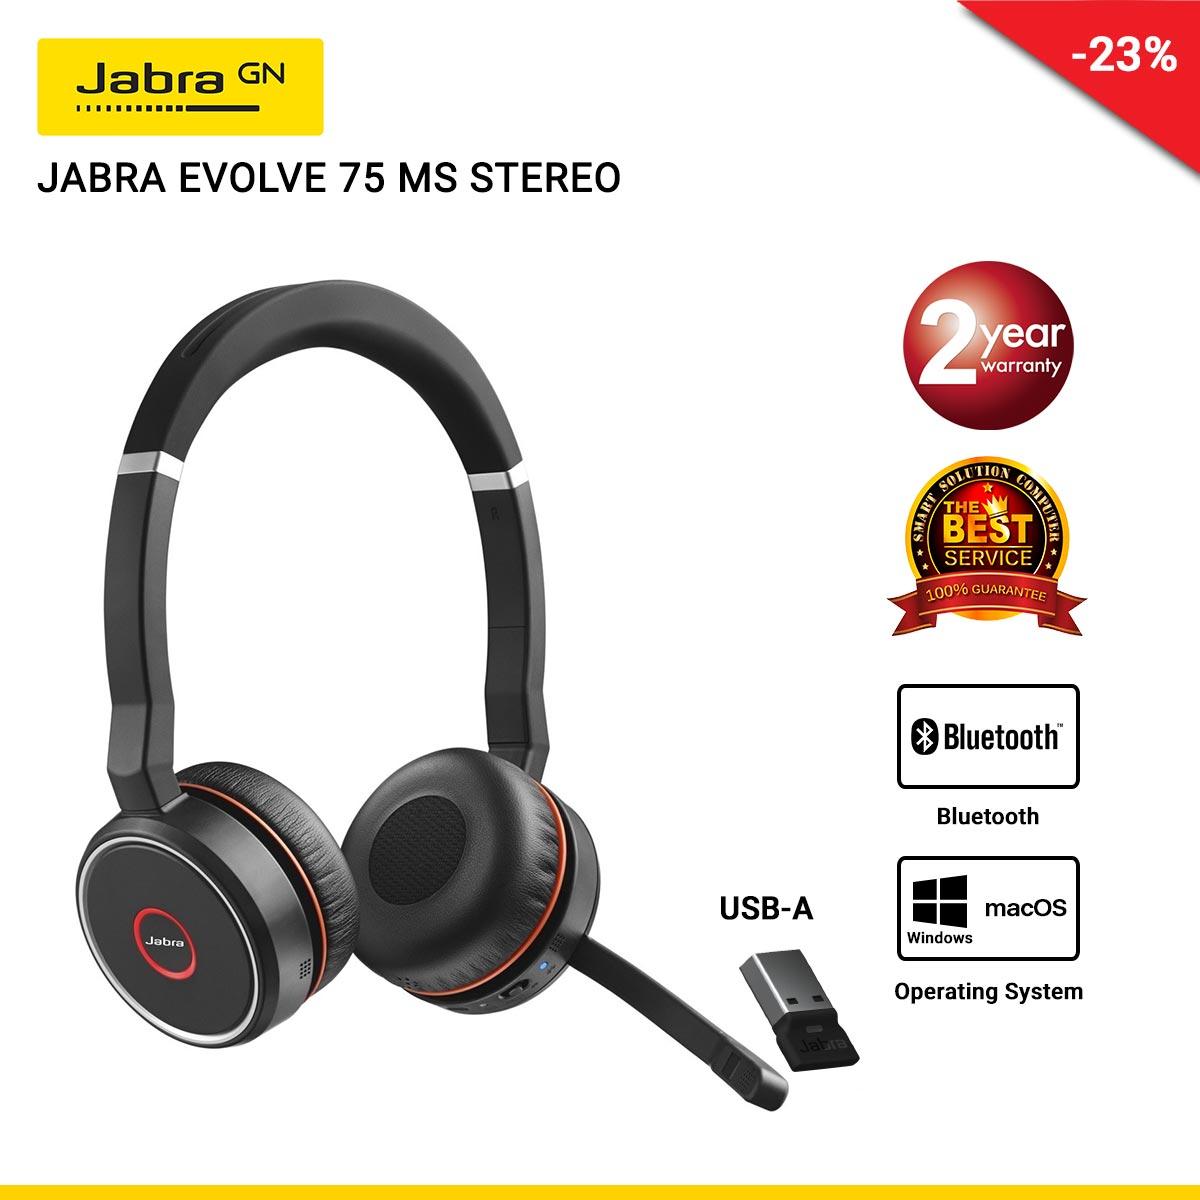 JABRA EVOLVE 75 MS STEREO (JBA-7599-832-109)